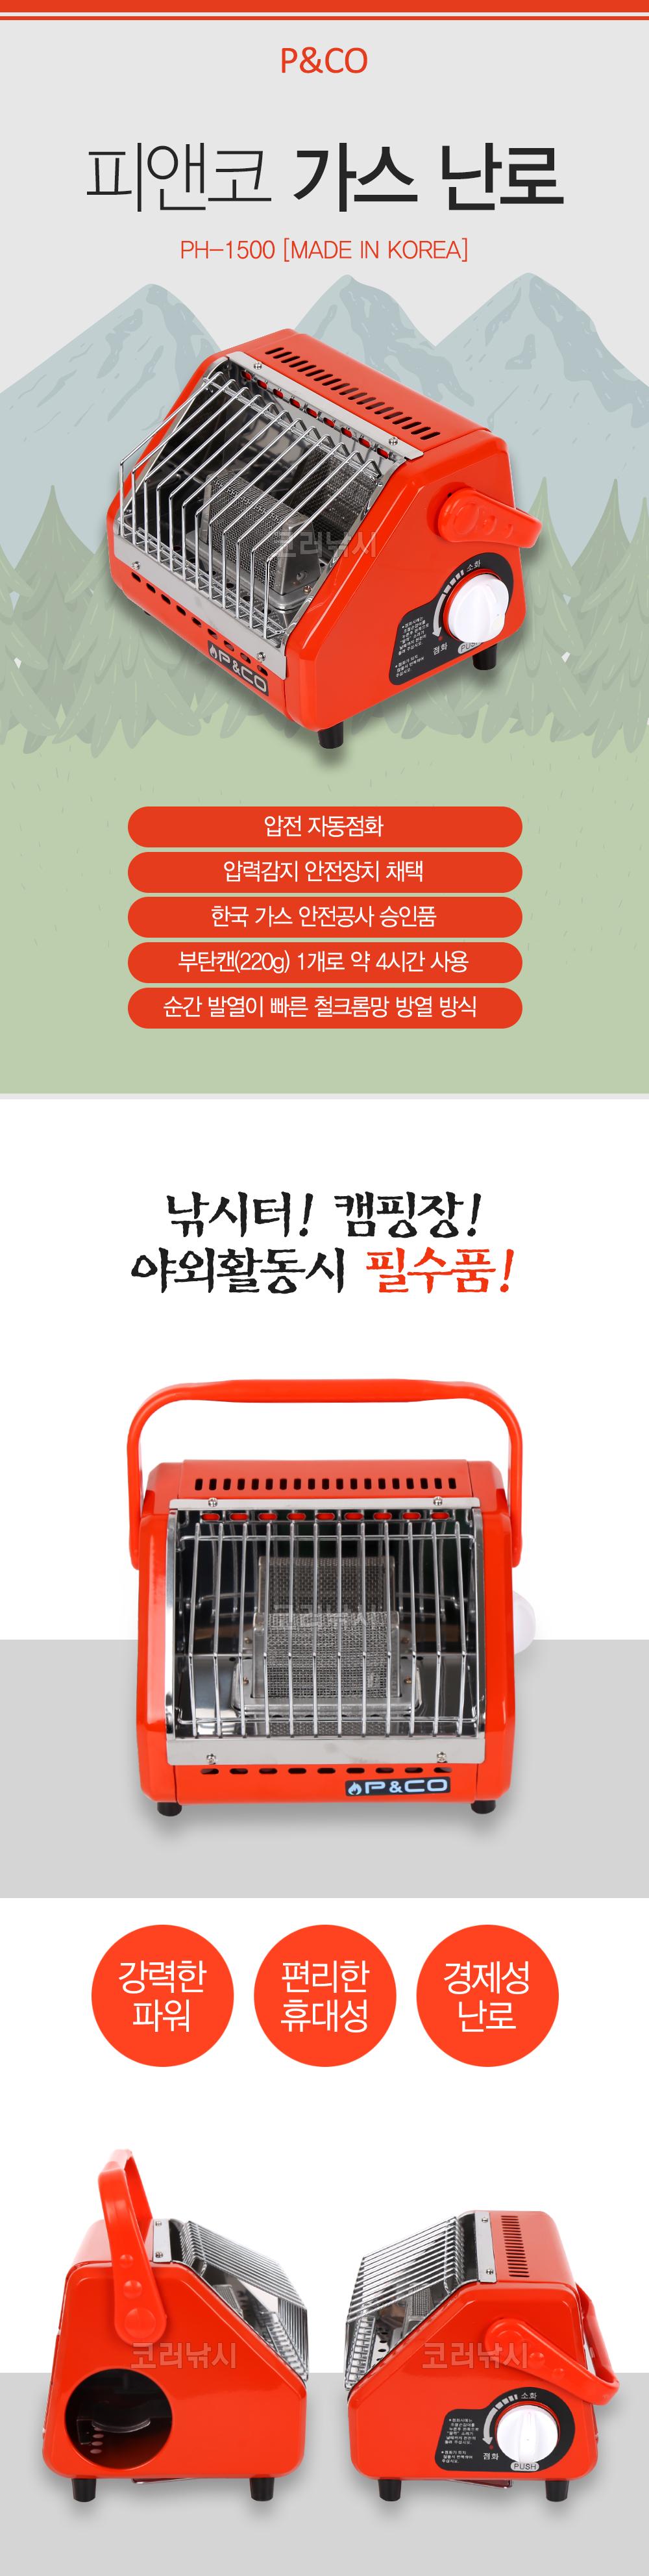 피앤코 가스 난로 피앤코 가스 난로 히터 부탄가스난로 방한용품